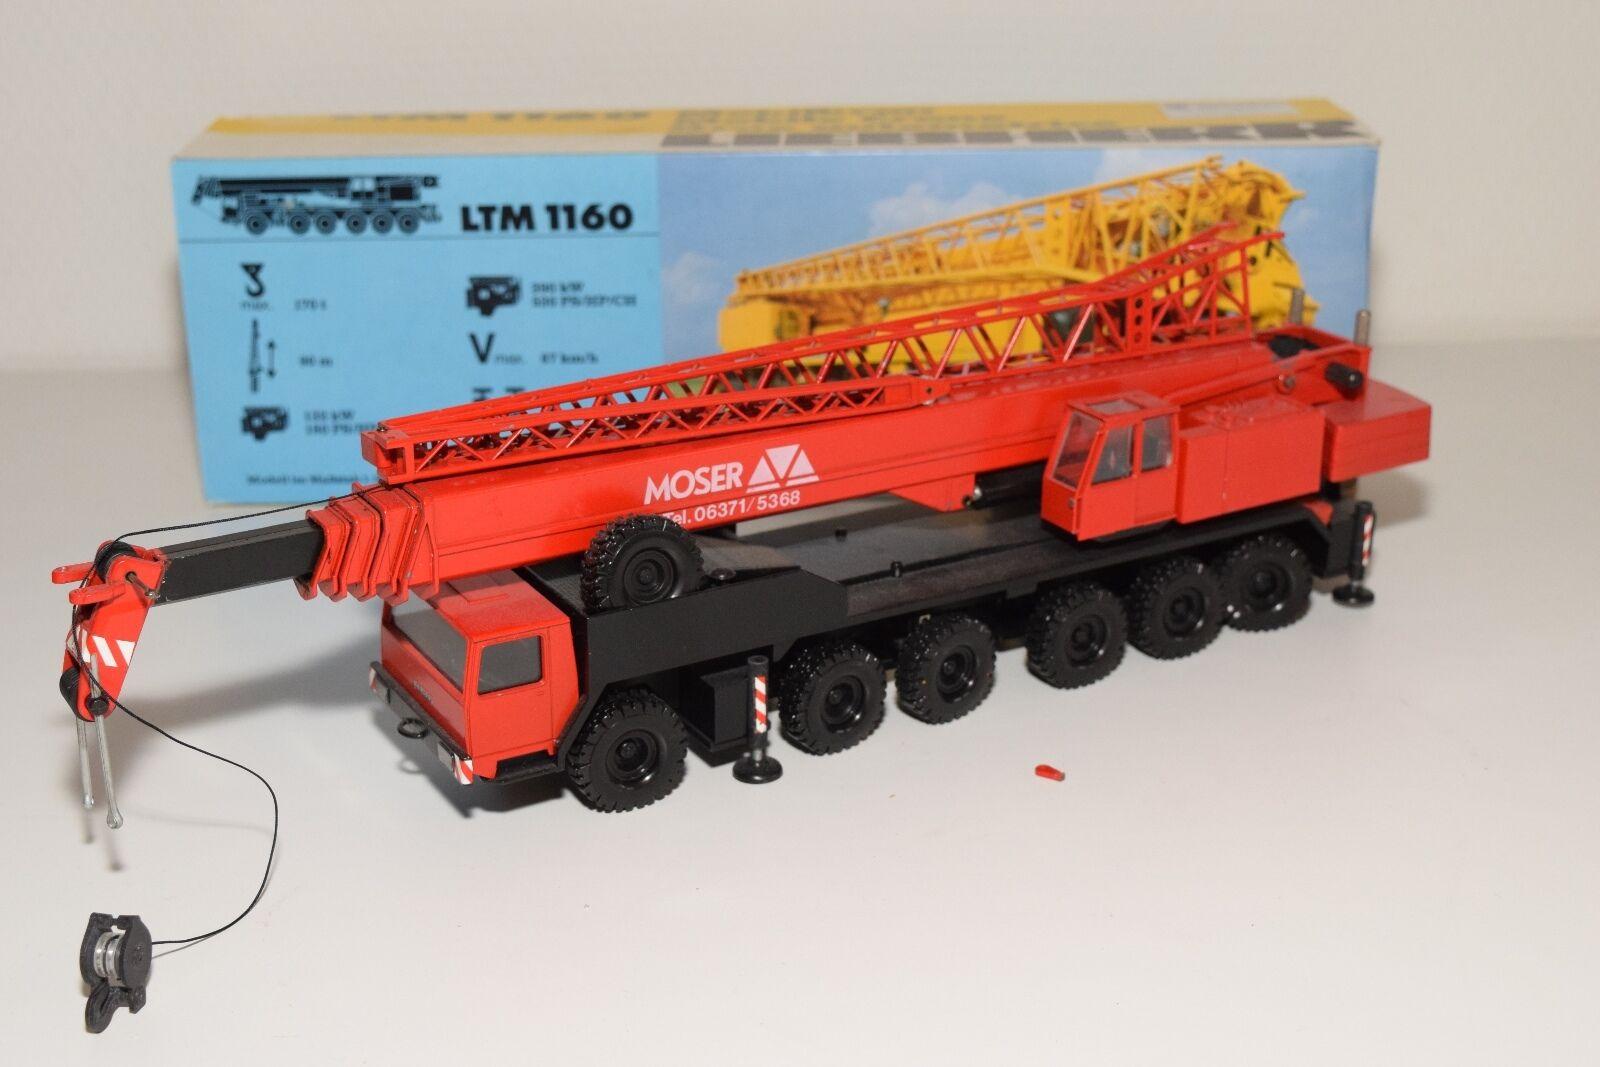 CONRAD 2082 LIEBHERR LTM 1160 LTM1160 MOSER MOBILE CRANE AUTOKRAN EXCELENT BOXED